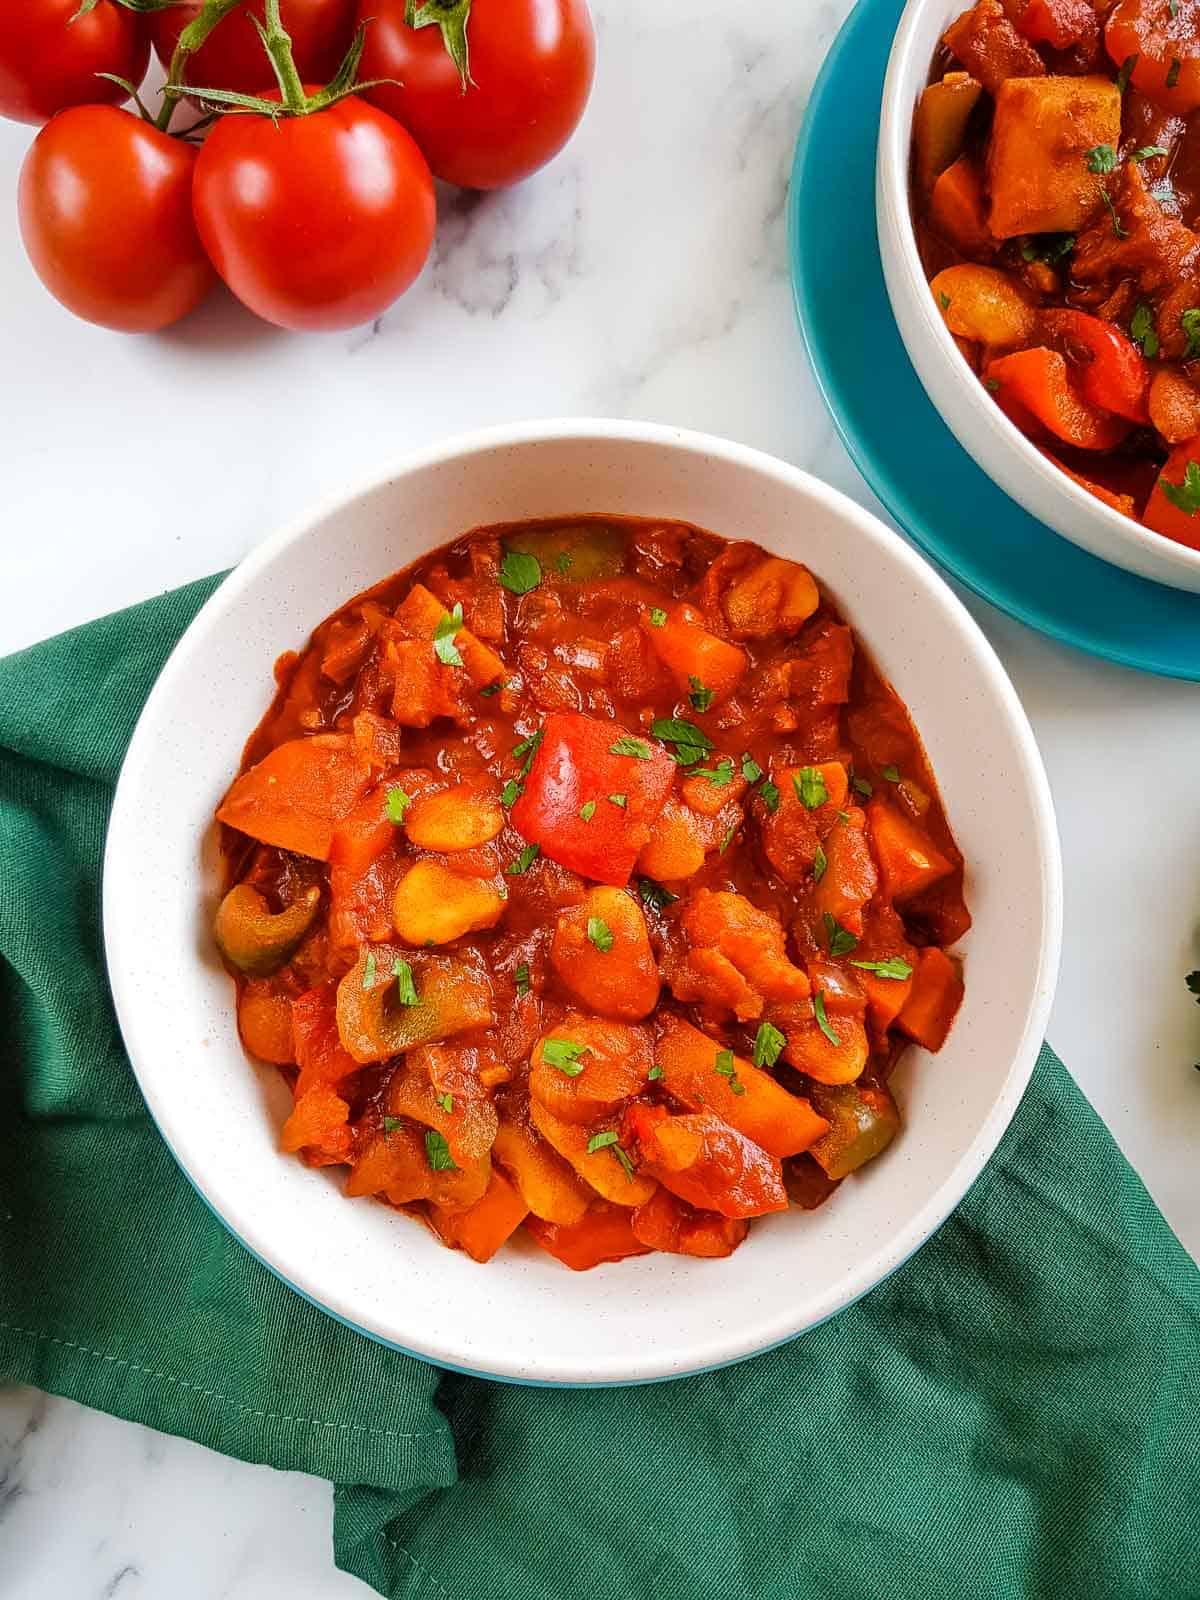 Vegetarian goulash in bowls.